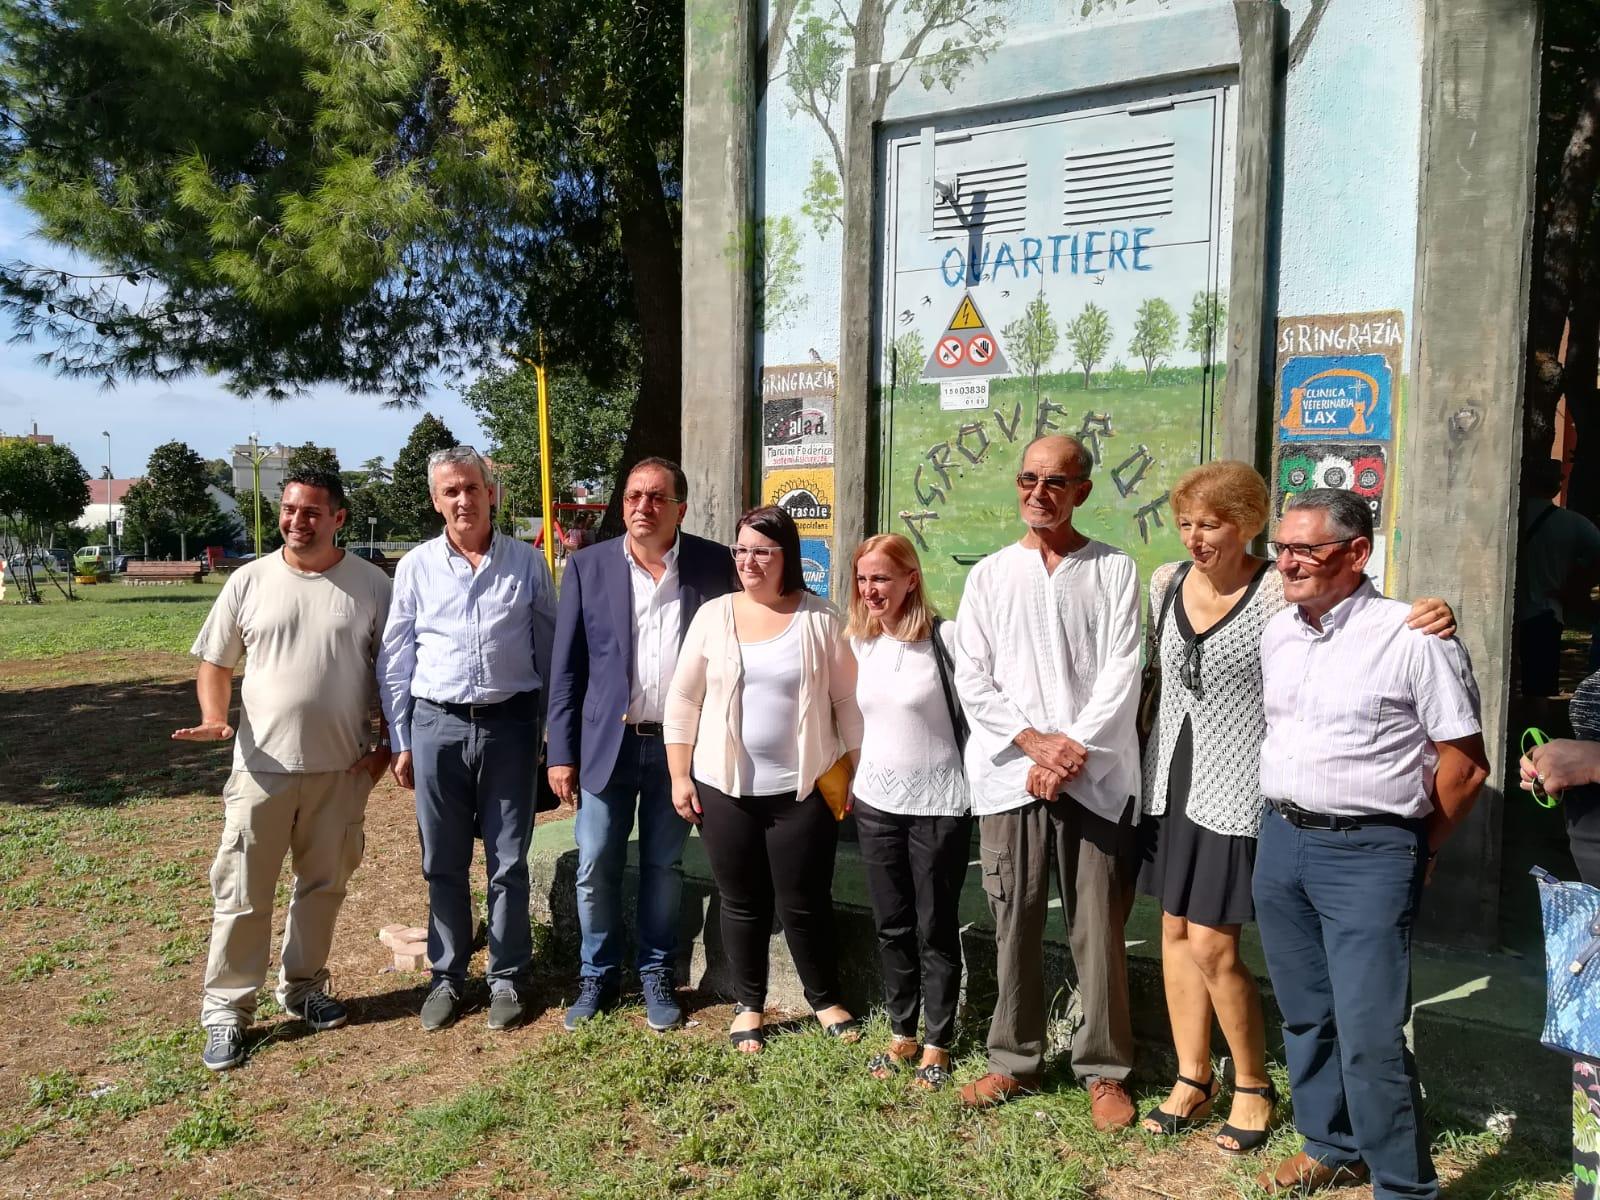 Aprilia oggi la presentazione della nuova cabina e for Noleggio della cabina del parco cittadino